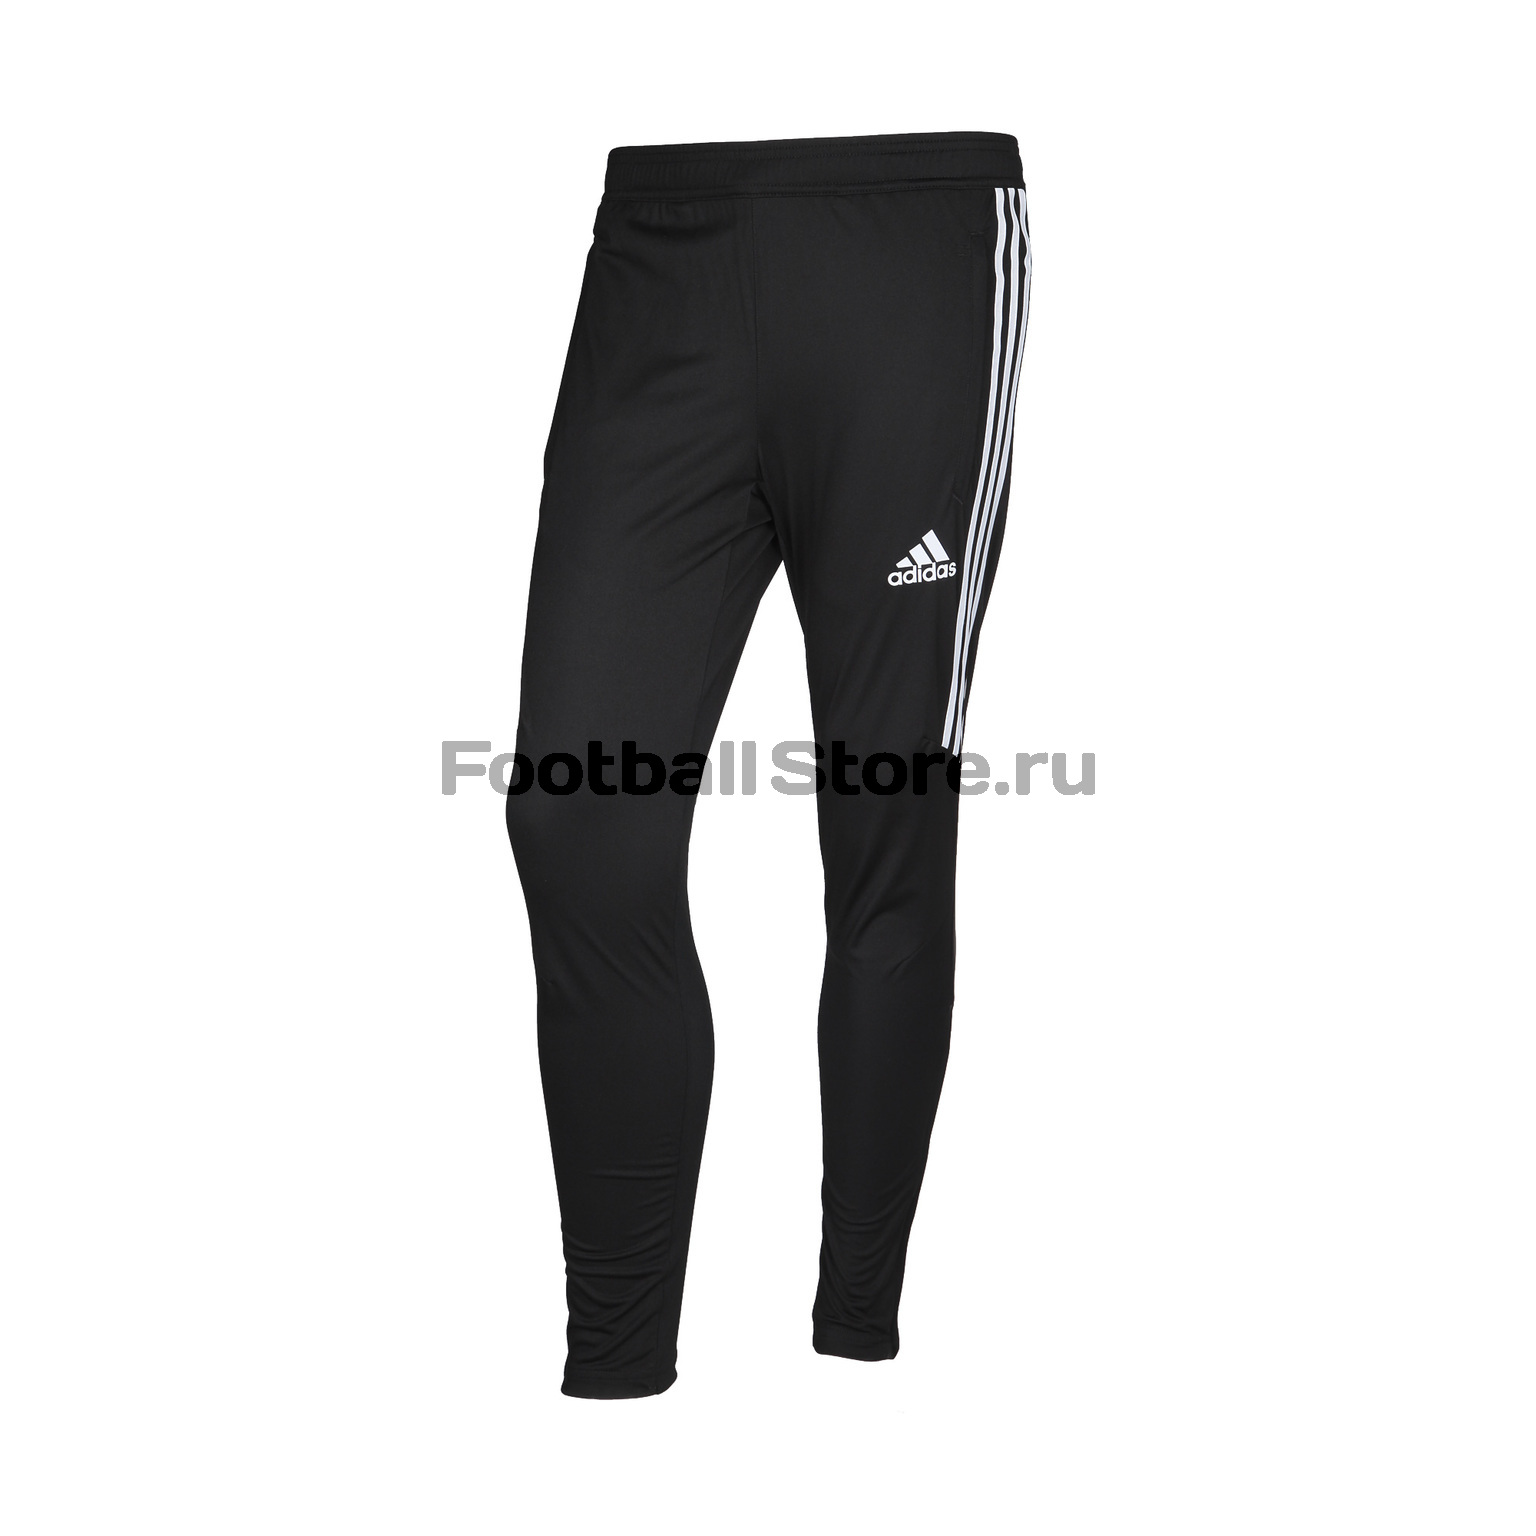 Брюки тренировочные Adidas Tiro17 TR Pant AZ9758 брюки adidas брюки тренировочные adidas tiro17 rn pnt ay2896